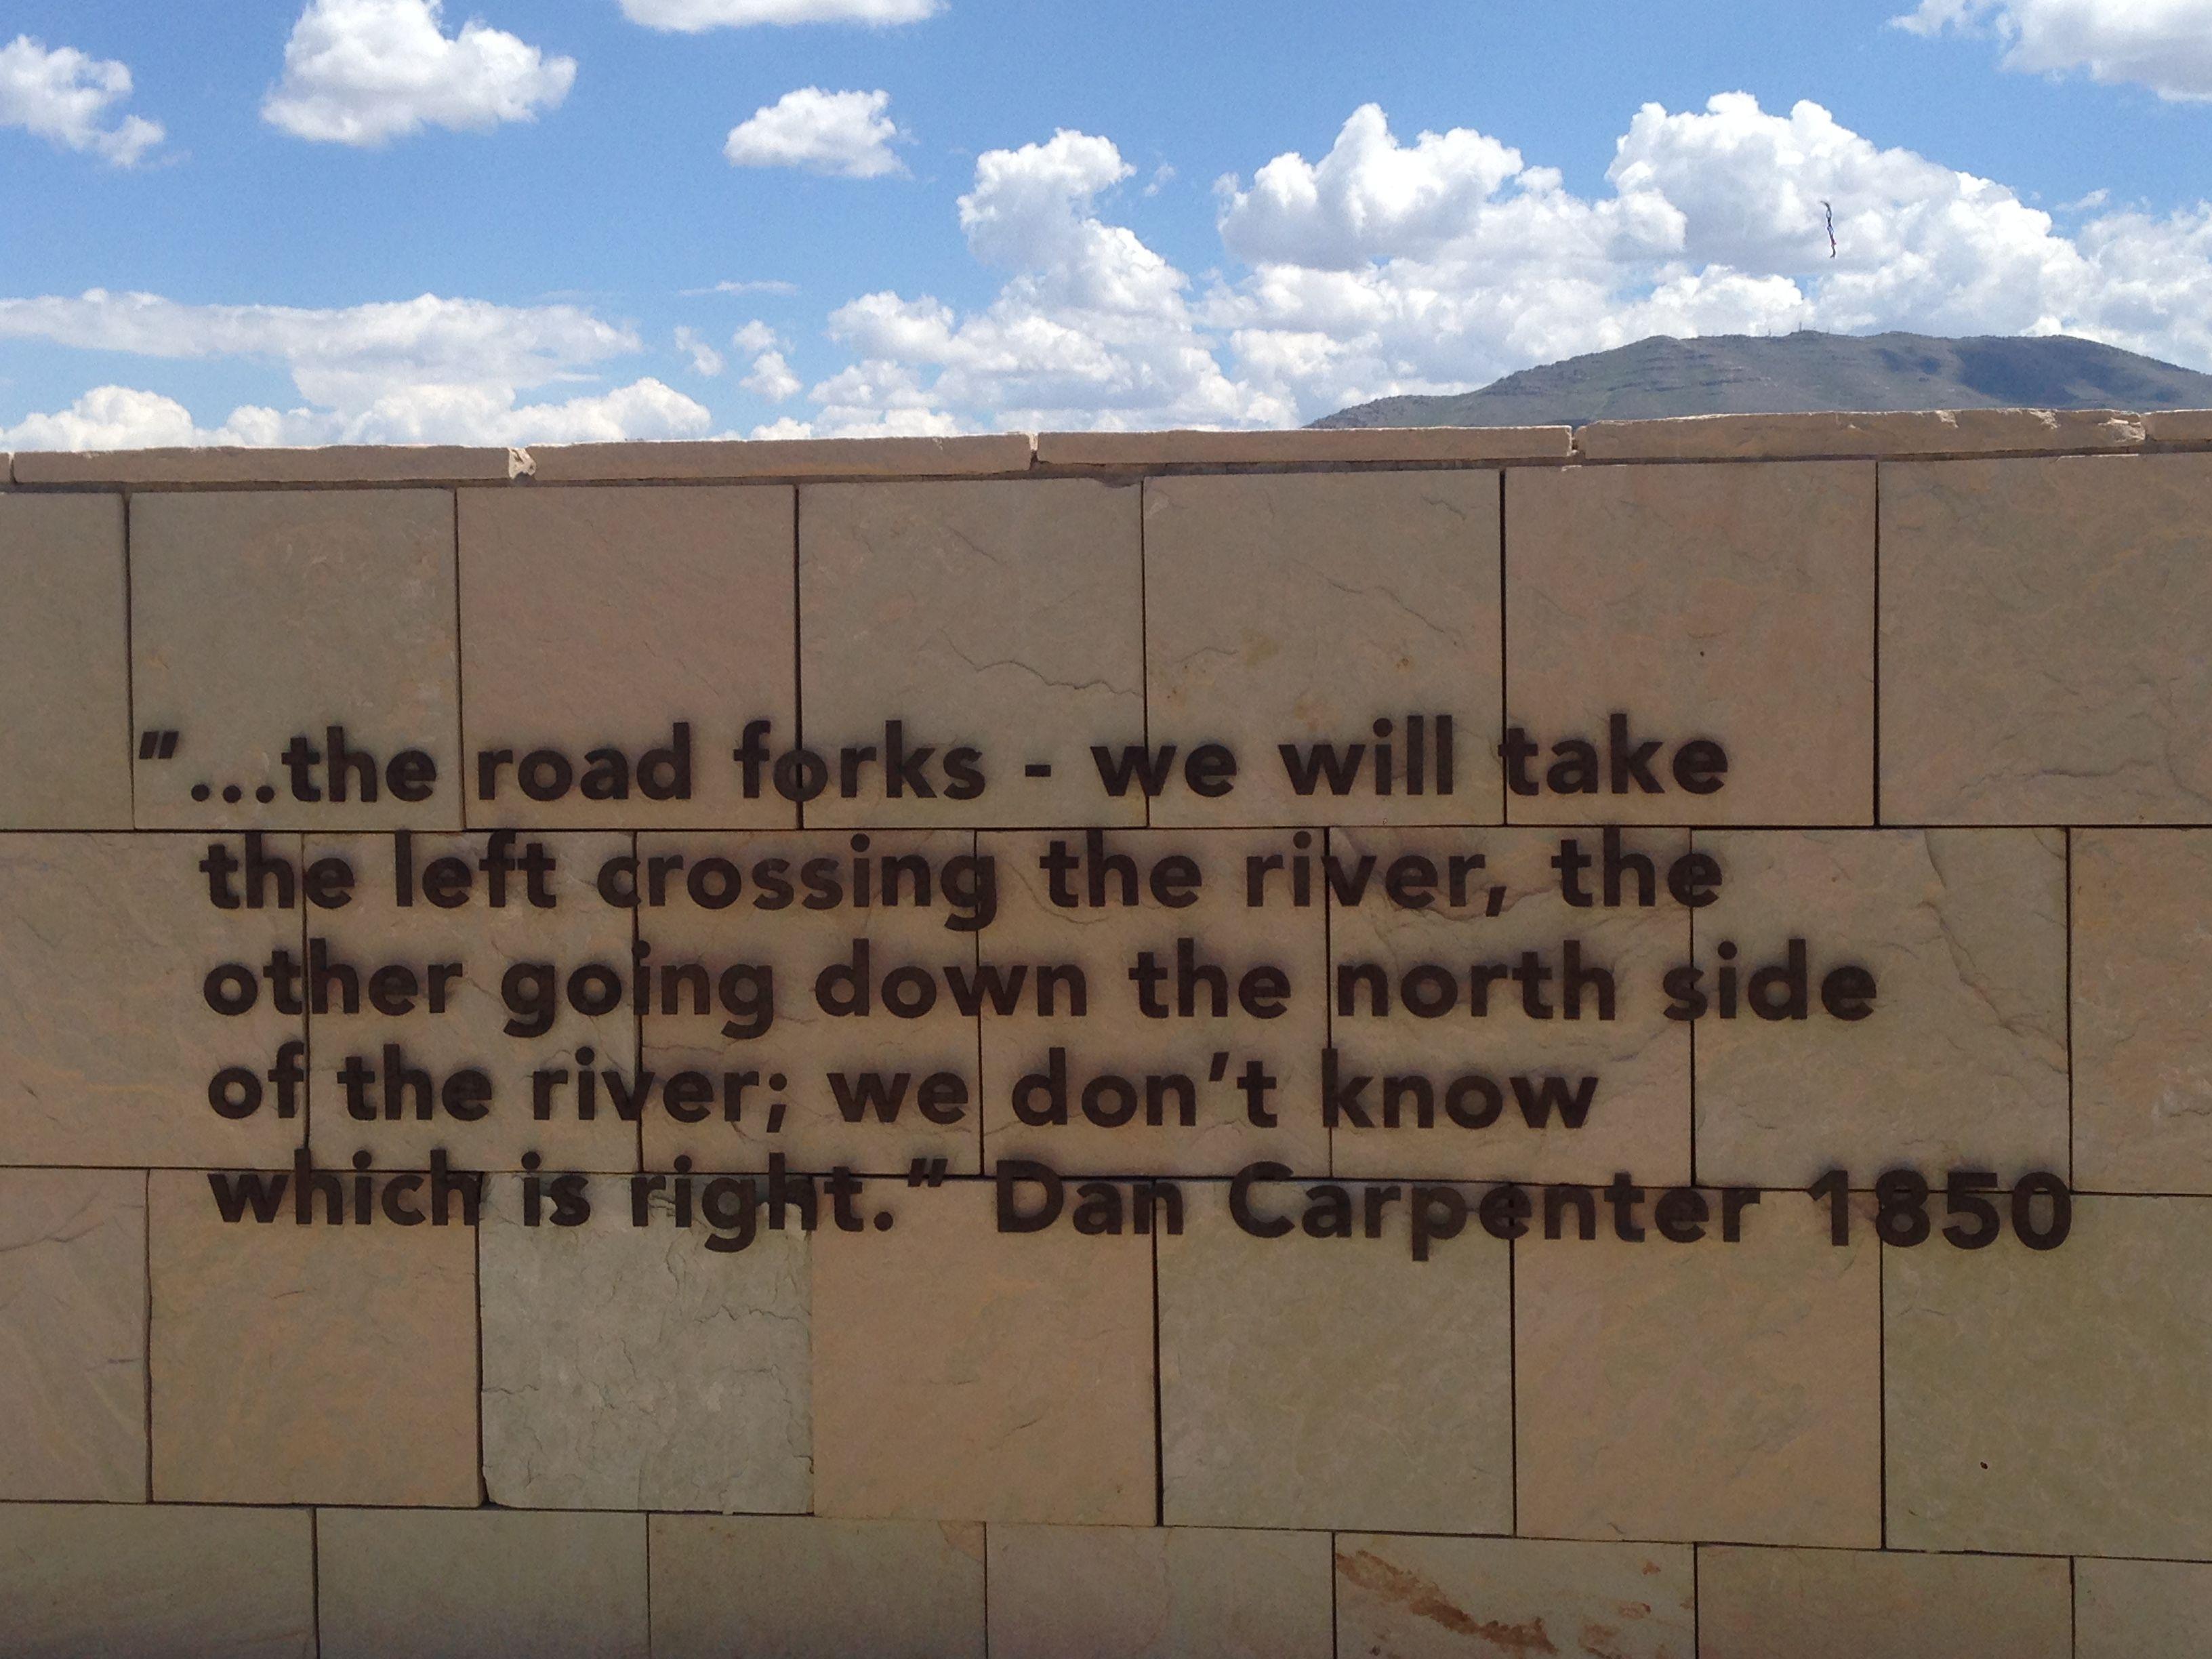 Dan Carpenter 1850